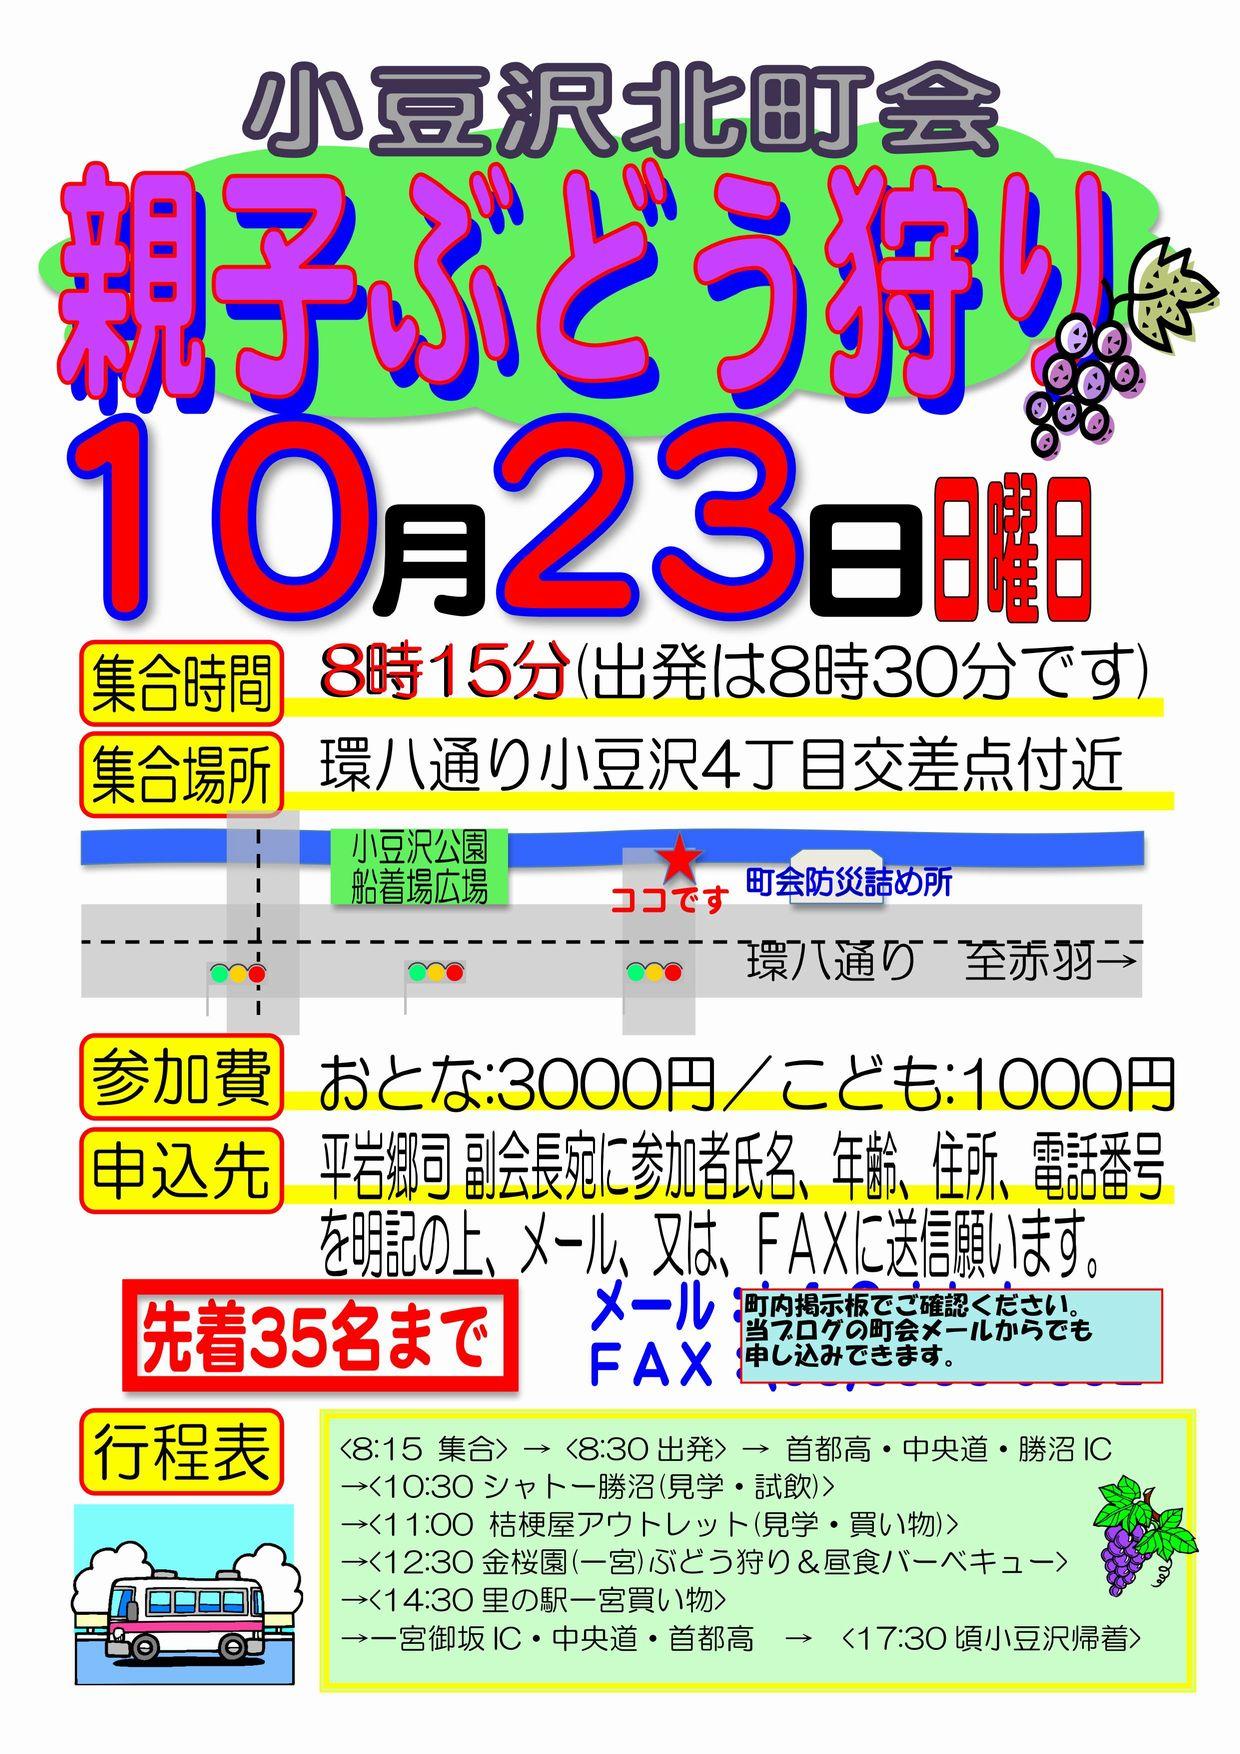 2011-10-23親子ぶどう狩りポスター